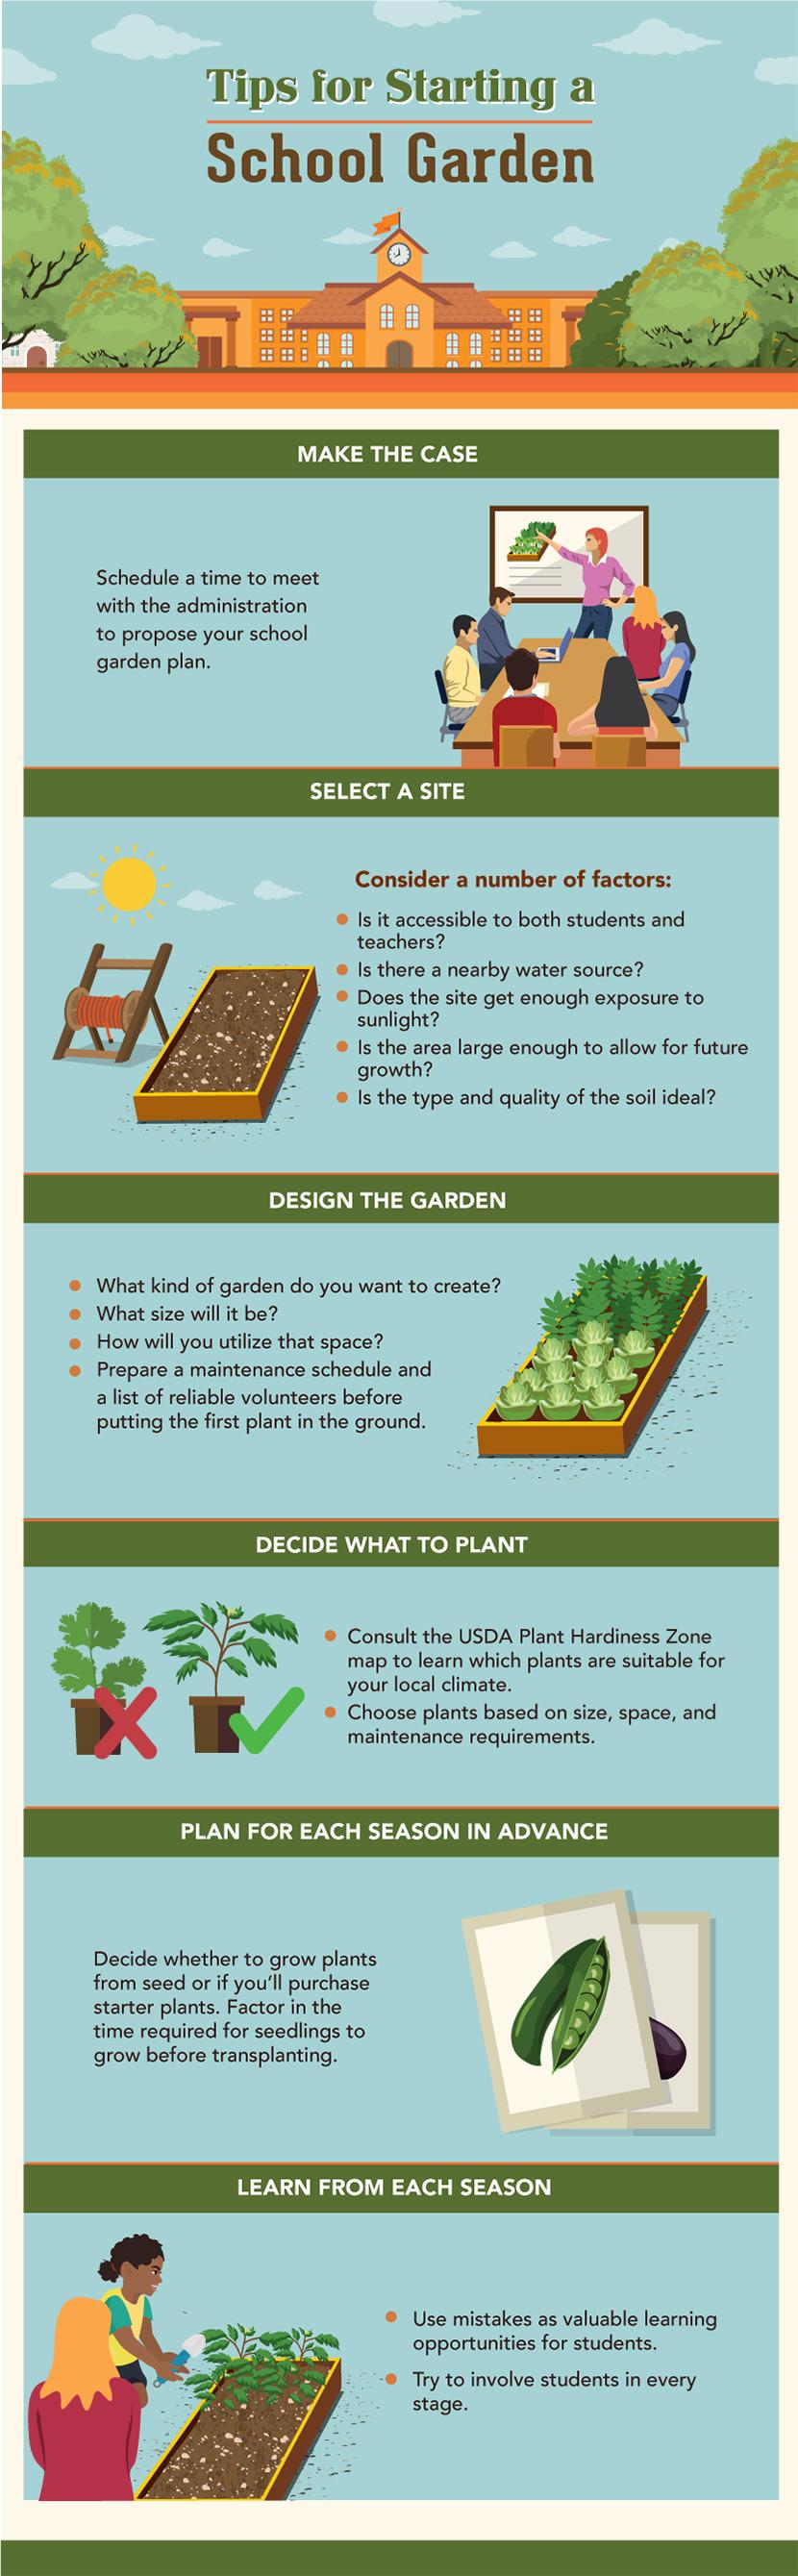 Getting Schooled In The Garden – How To Start A School Garden